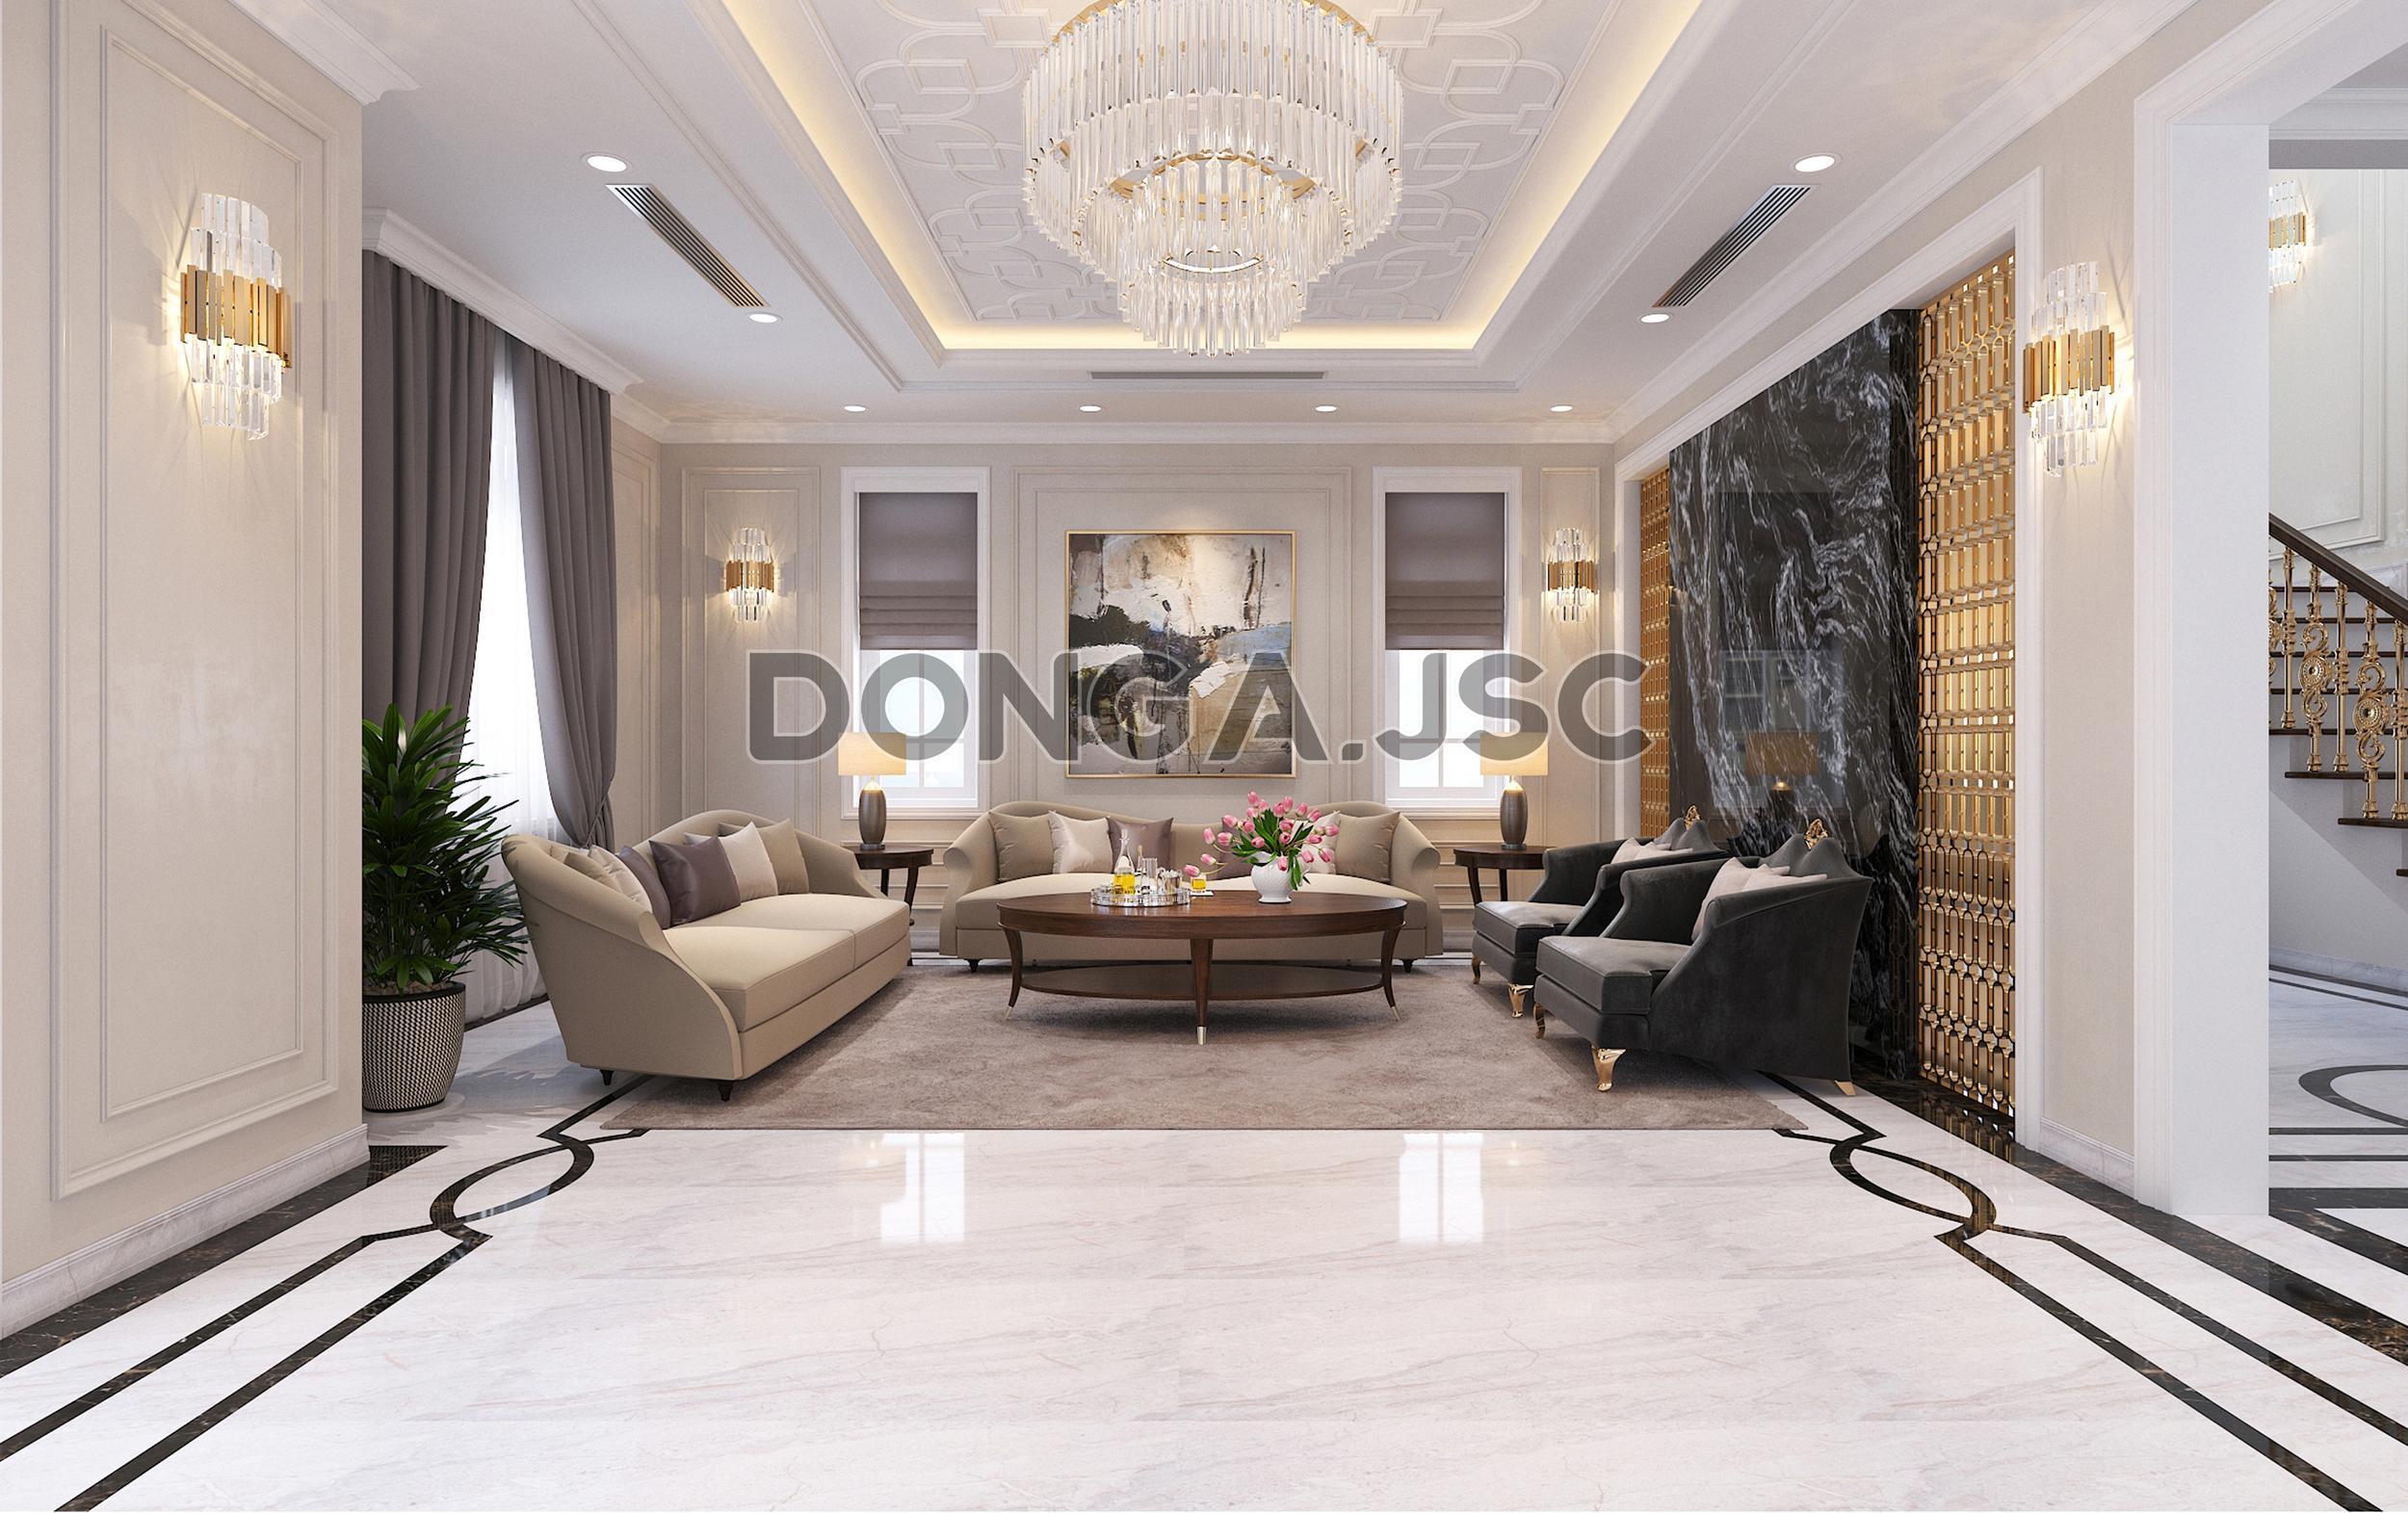 Nội thất phòng khách đẹp phong cách tân cổ điển nhẹ nhàng, sang trọng.